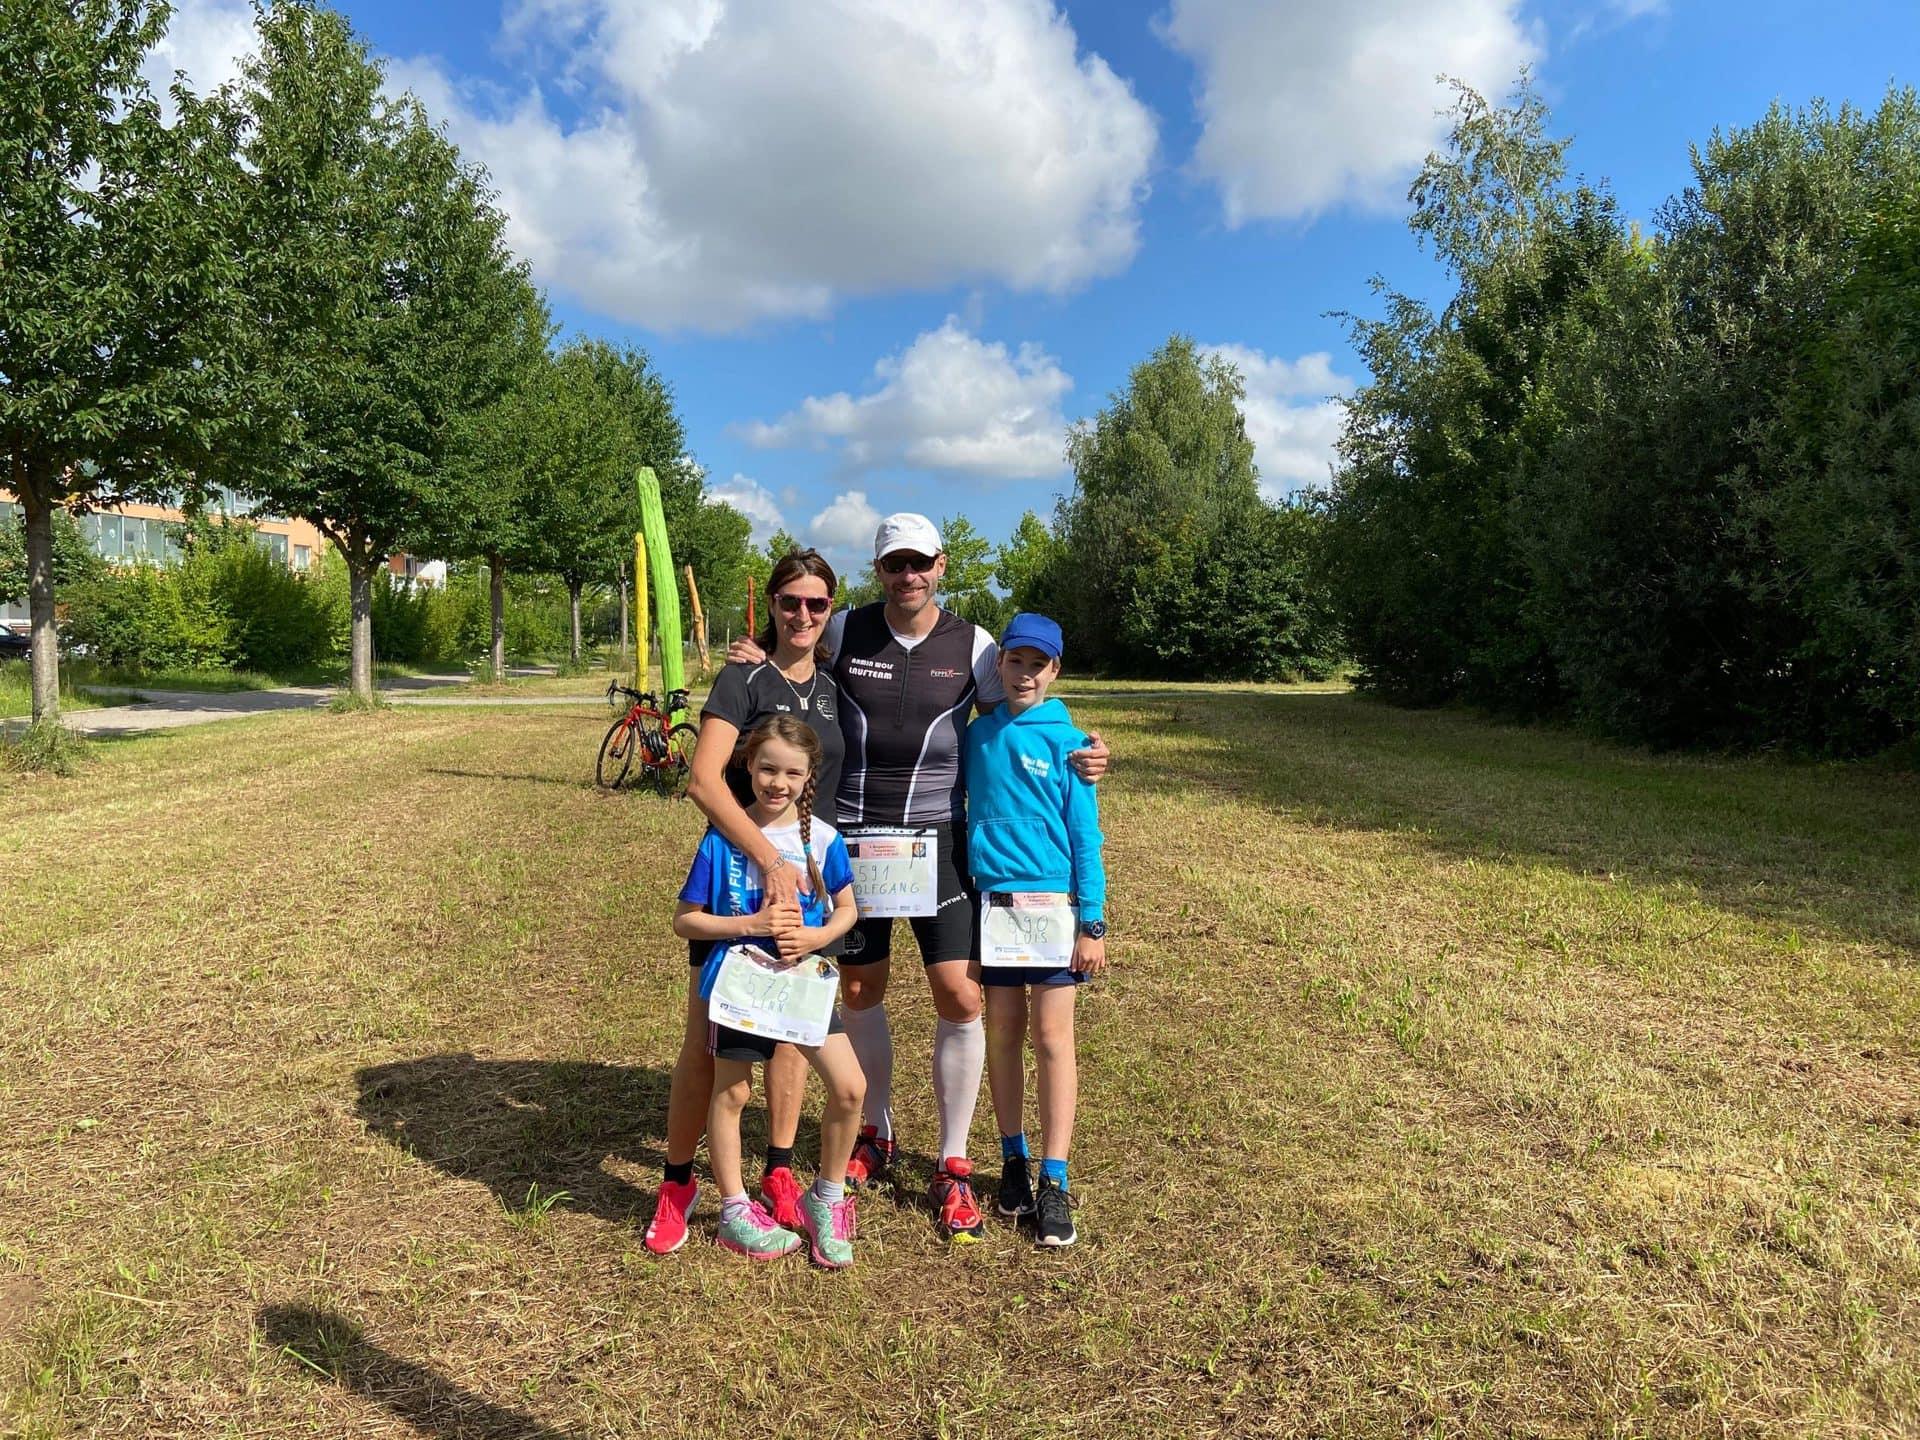 Laufen liegt ihnen in den Genen Familie Scholz mit Top-Leistungen beim Burgweintinger Frühjahrslauf